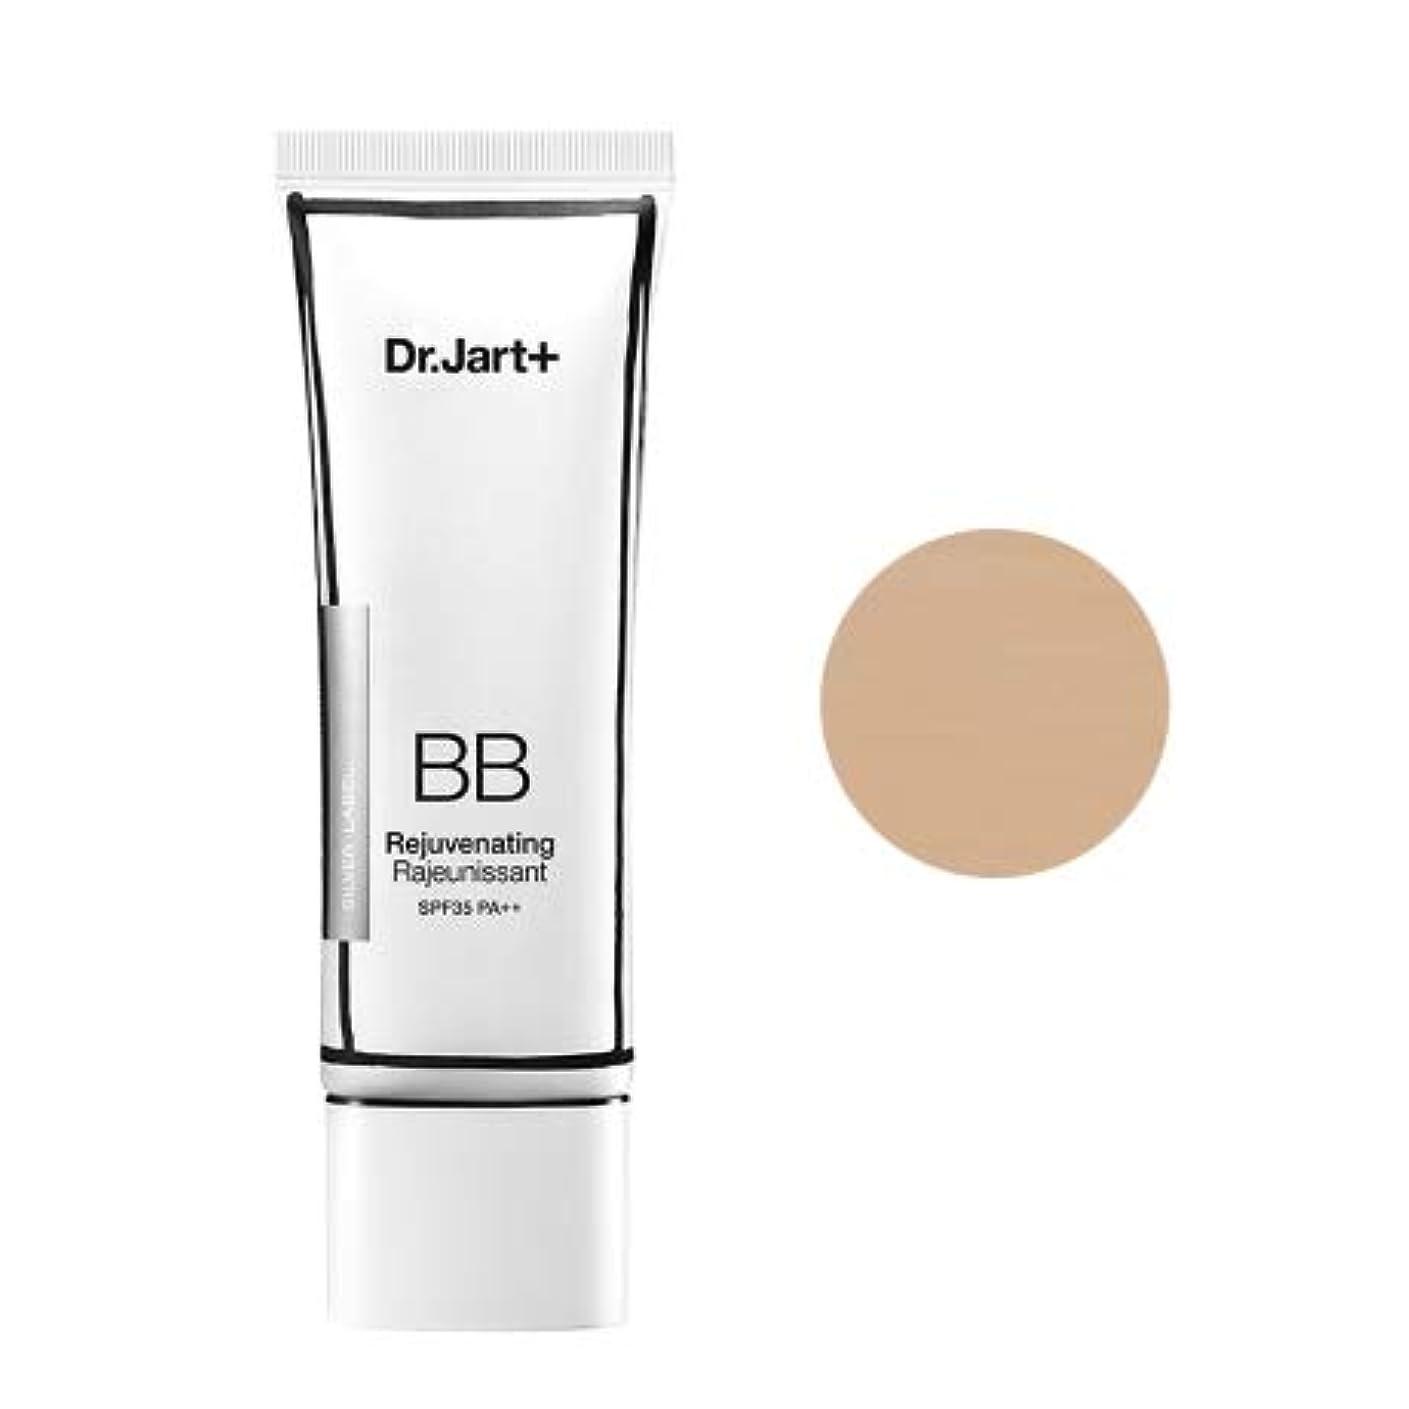 シネマもつれ悪の[Upgrade] Dr.Jart+Dermakeup Rejuvenating Beauty Balm SPF35 PA++ 50ml /ドクタージャルトゥザメーキャップリージュビネイティンビューティーバーム SPF35 PA++ 50ml [並行輸入品]